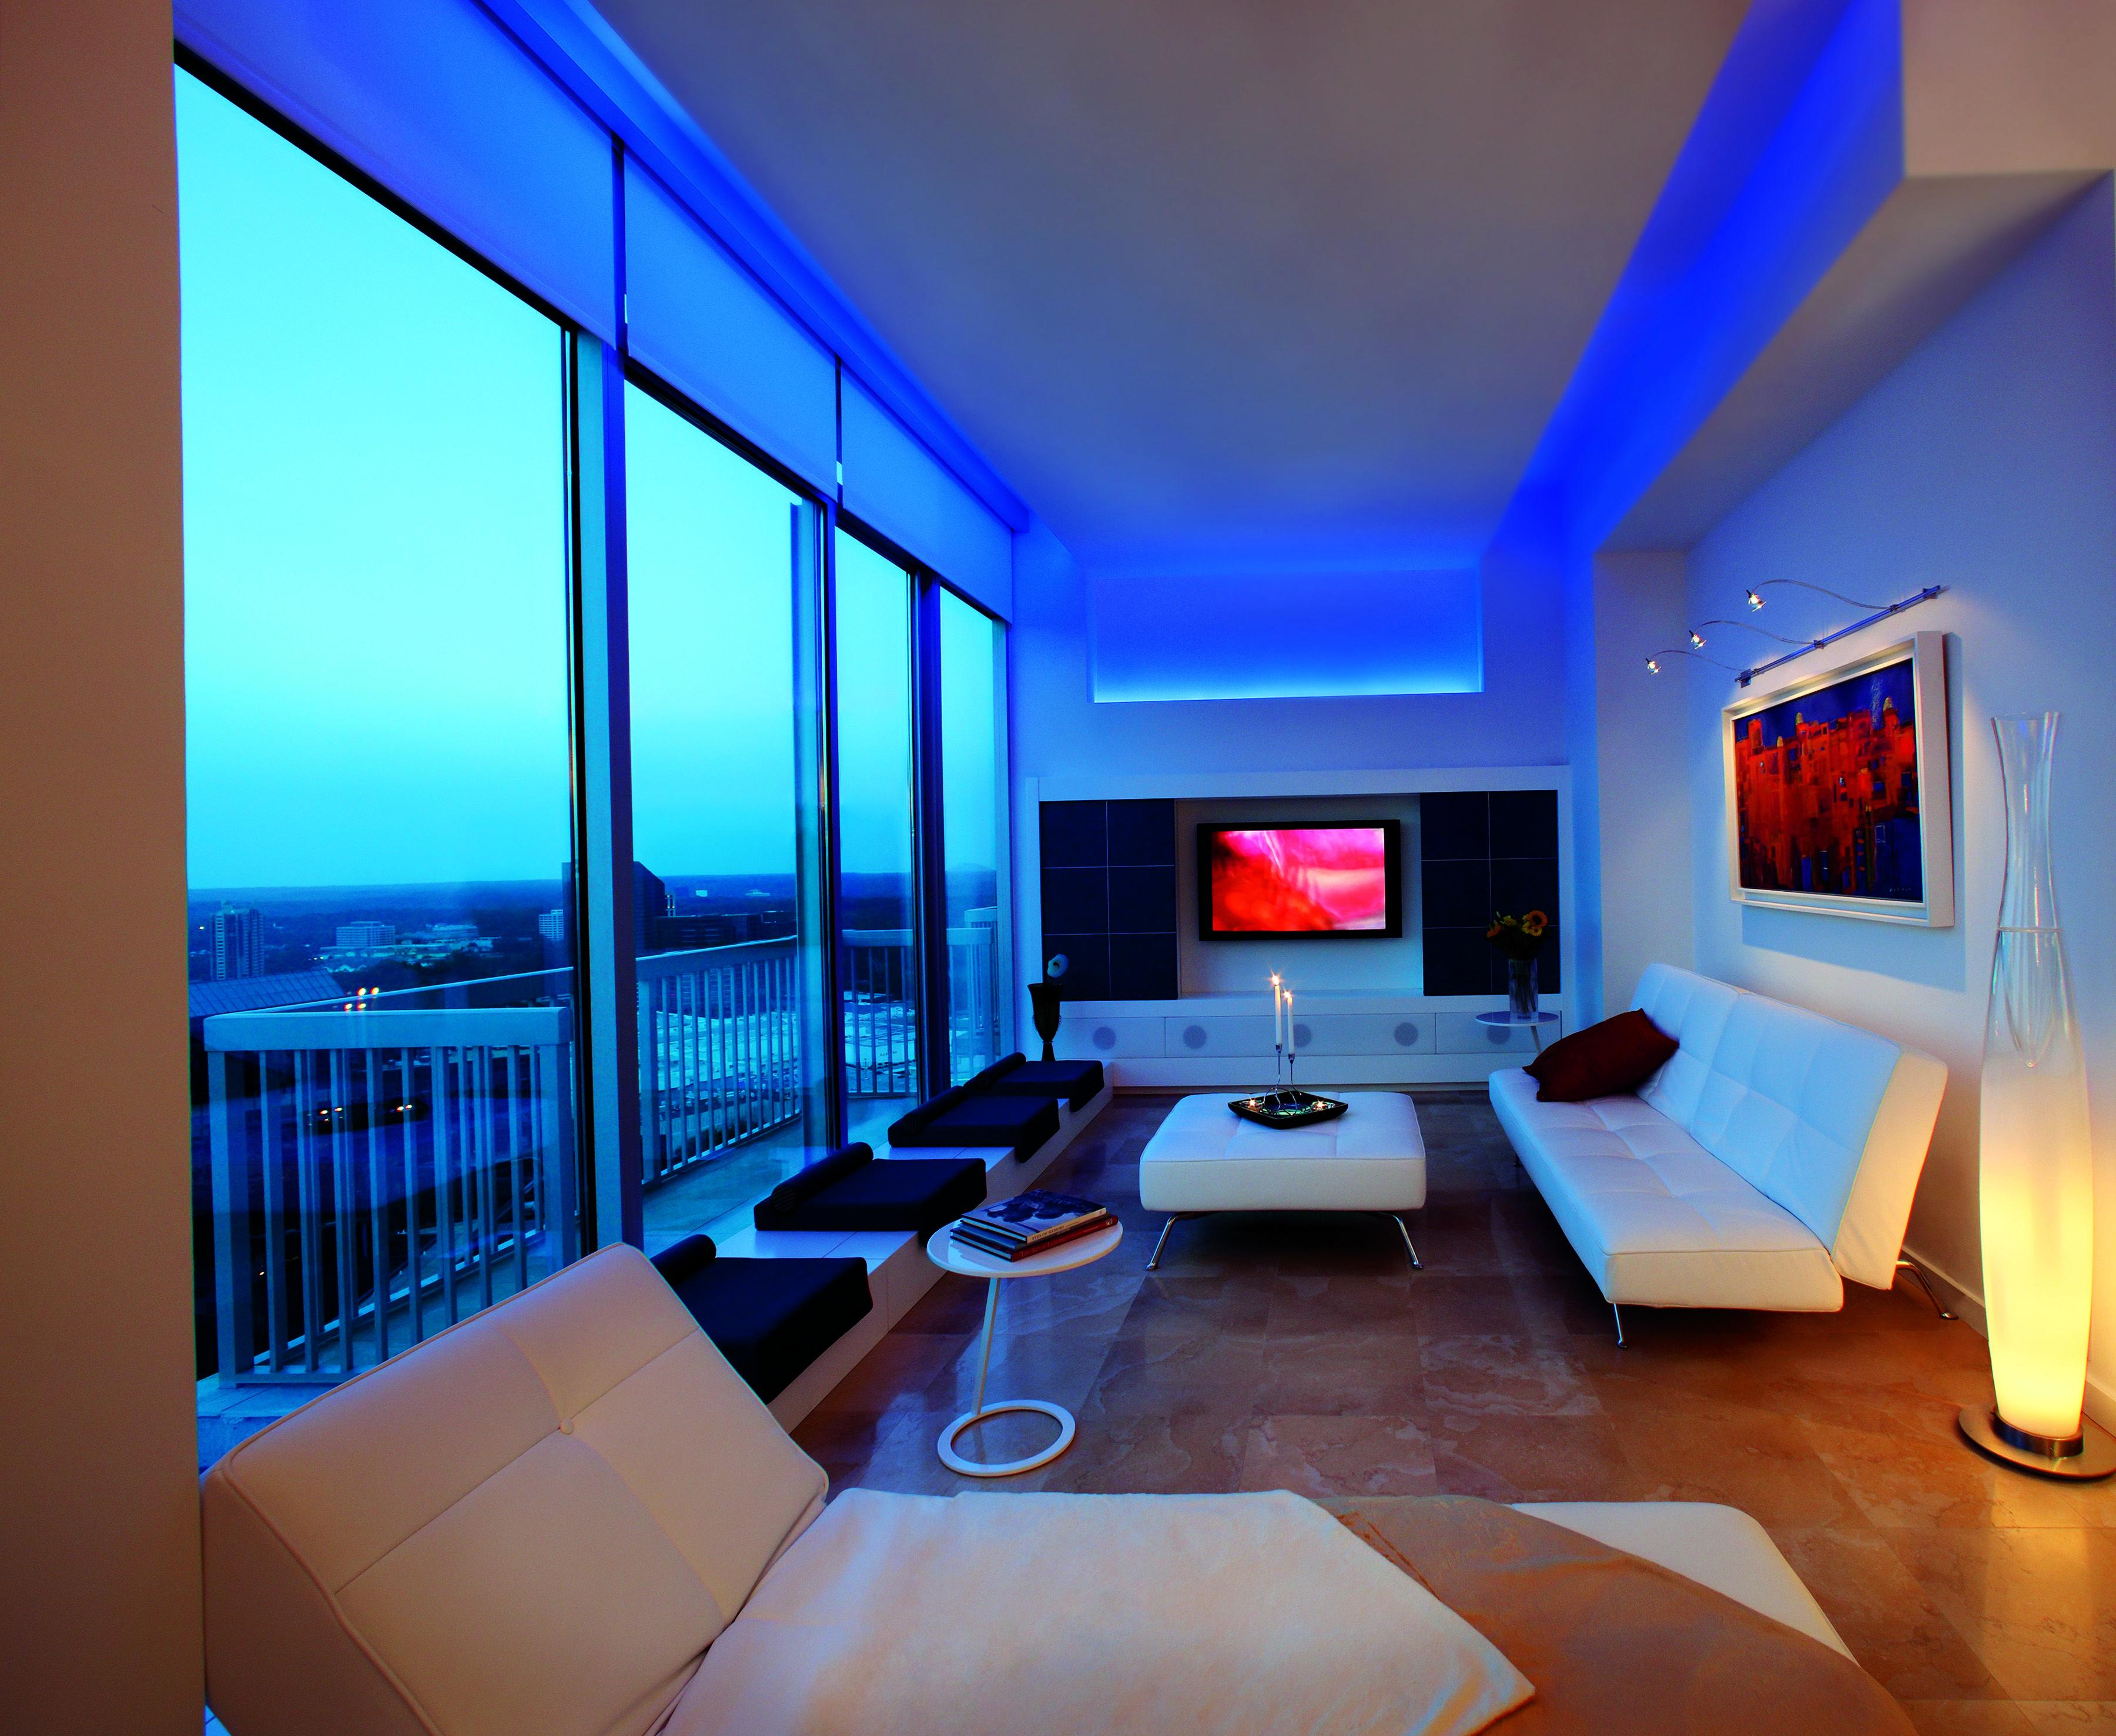 Led Soft Strip Light By Edge Lighting Living Room Lighting Room Lights Stylish Living Room